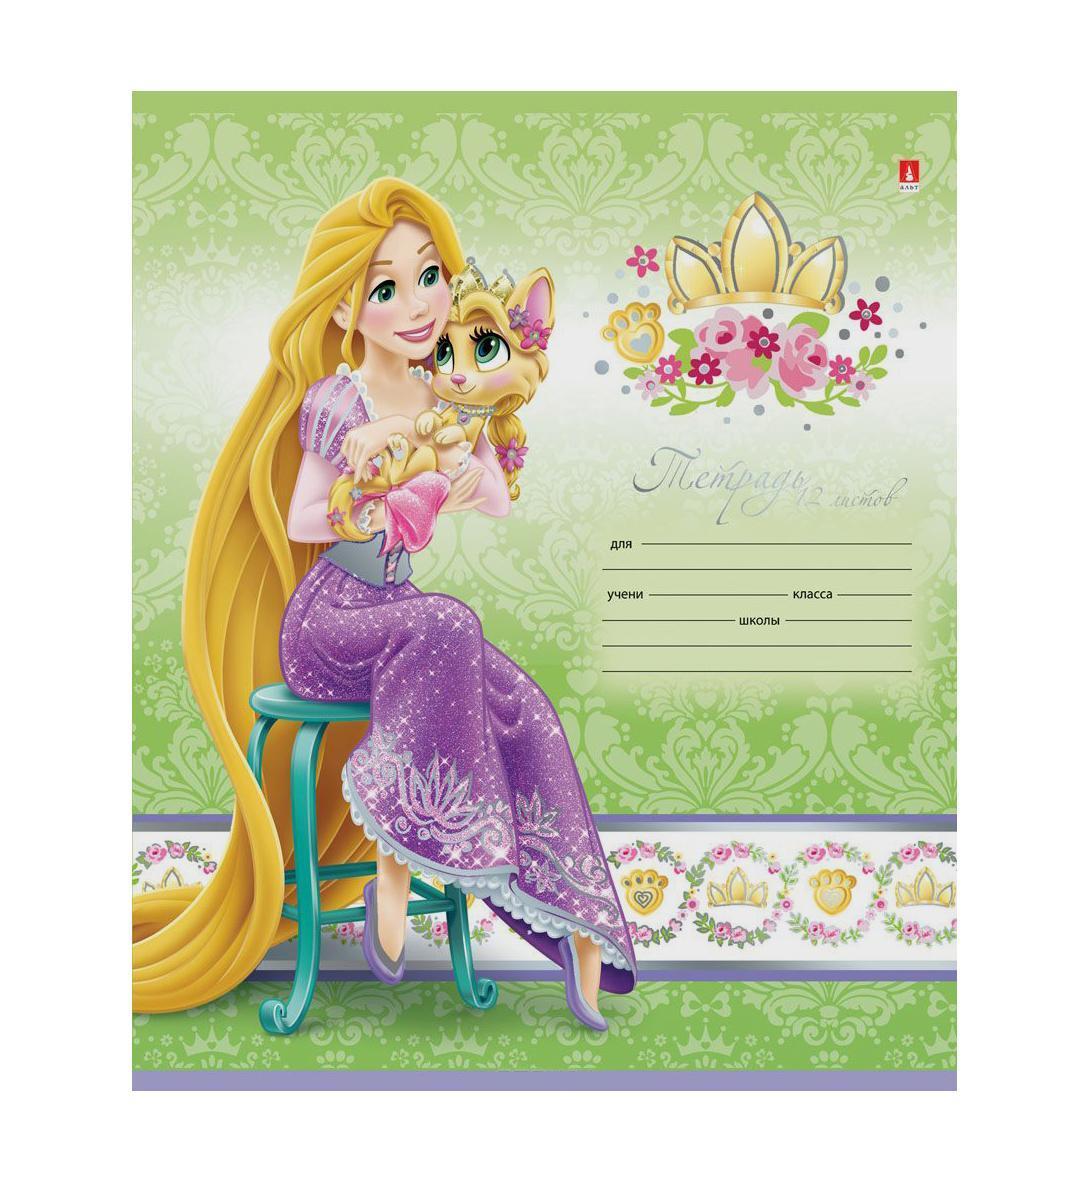 Набор тетрадей Альт Принцессы, 12 листов, 10 шт27951Недорогие тетради Альт Принцессы, выполнены их бумаги и картона высшего качества. Плотная, белая, мелованная бумага (60 г/кв.м) используется в блоках этих тетрадей. Картон обложки имеет высокую плотность 115 г/кв.м. В набор тетрадей Принцессы входят 10 штук с пятью разными изображениями принцесс. Обложки формата А5 (165 х 203 мм) сделаны из качественной мелованной бумаги 115 г/кв м. В блоках по 12 листов в клетку с предварительно размеченными красными полями. Белая мелованная бумага 60 грамм подходит для записей любыми ручками. Принцессы – неизменные спутницы счастливого, беззаботного детства, с которым младшие школьницы еще не спешат прощаться в начальных классах.